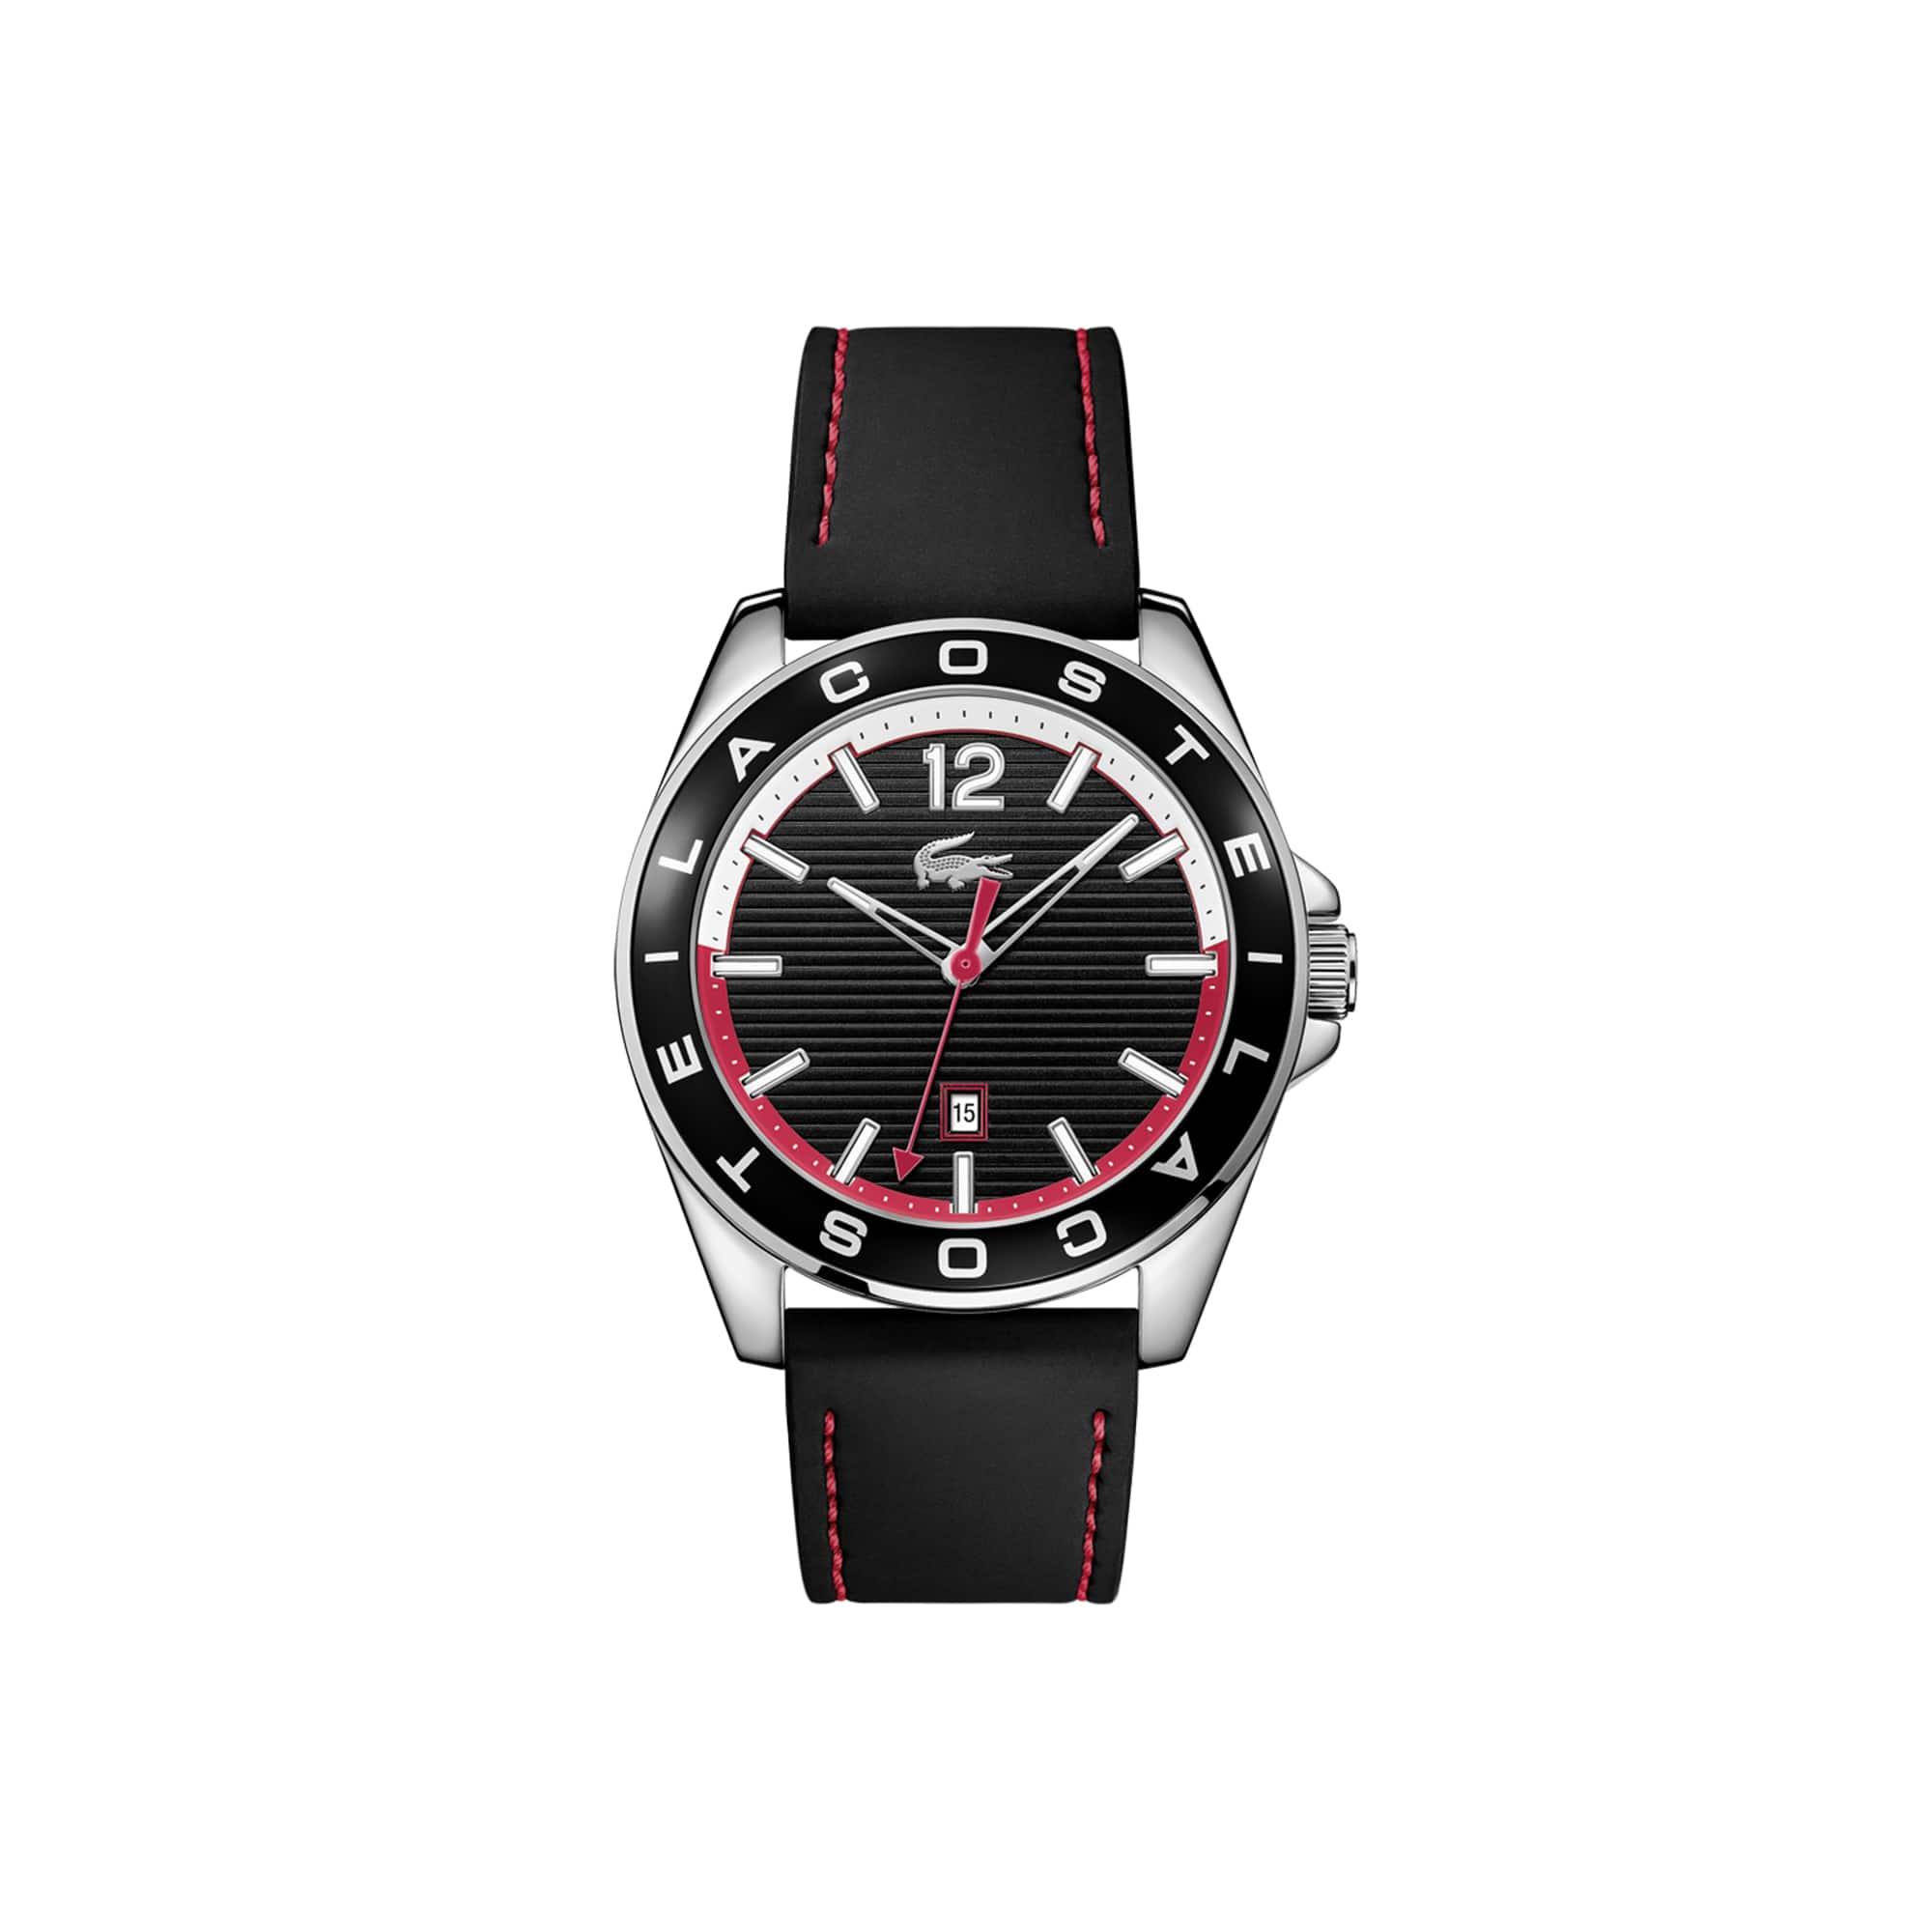 Relógio Westport Homem com Bracelete em Couro Preto